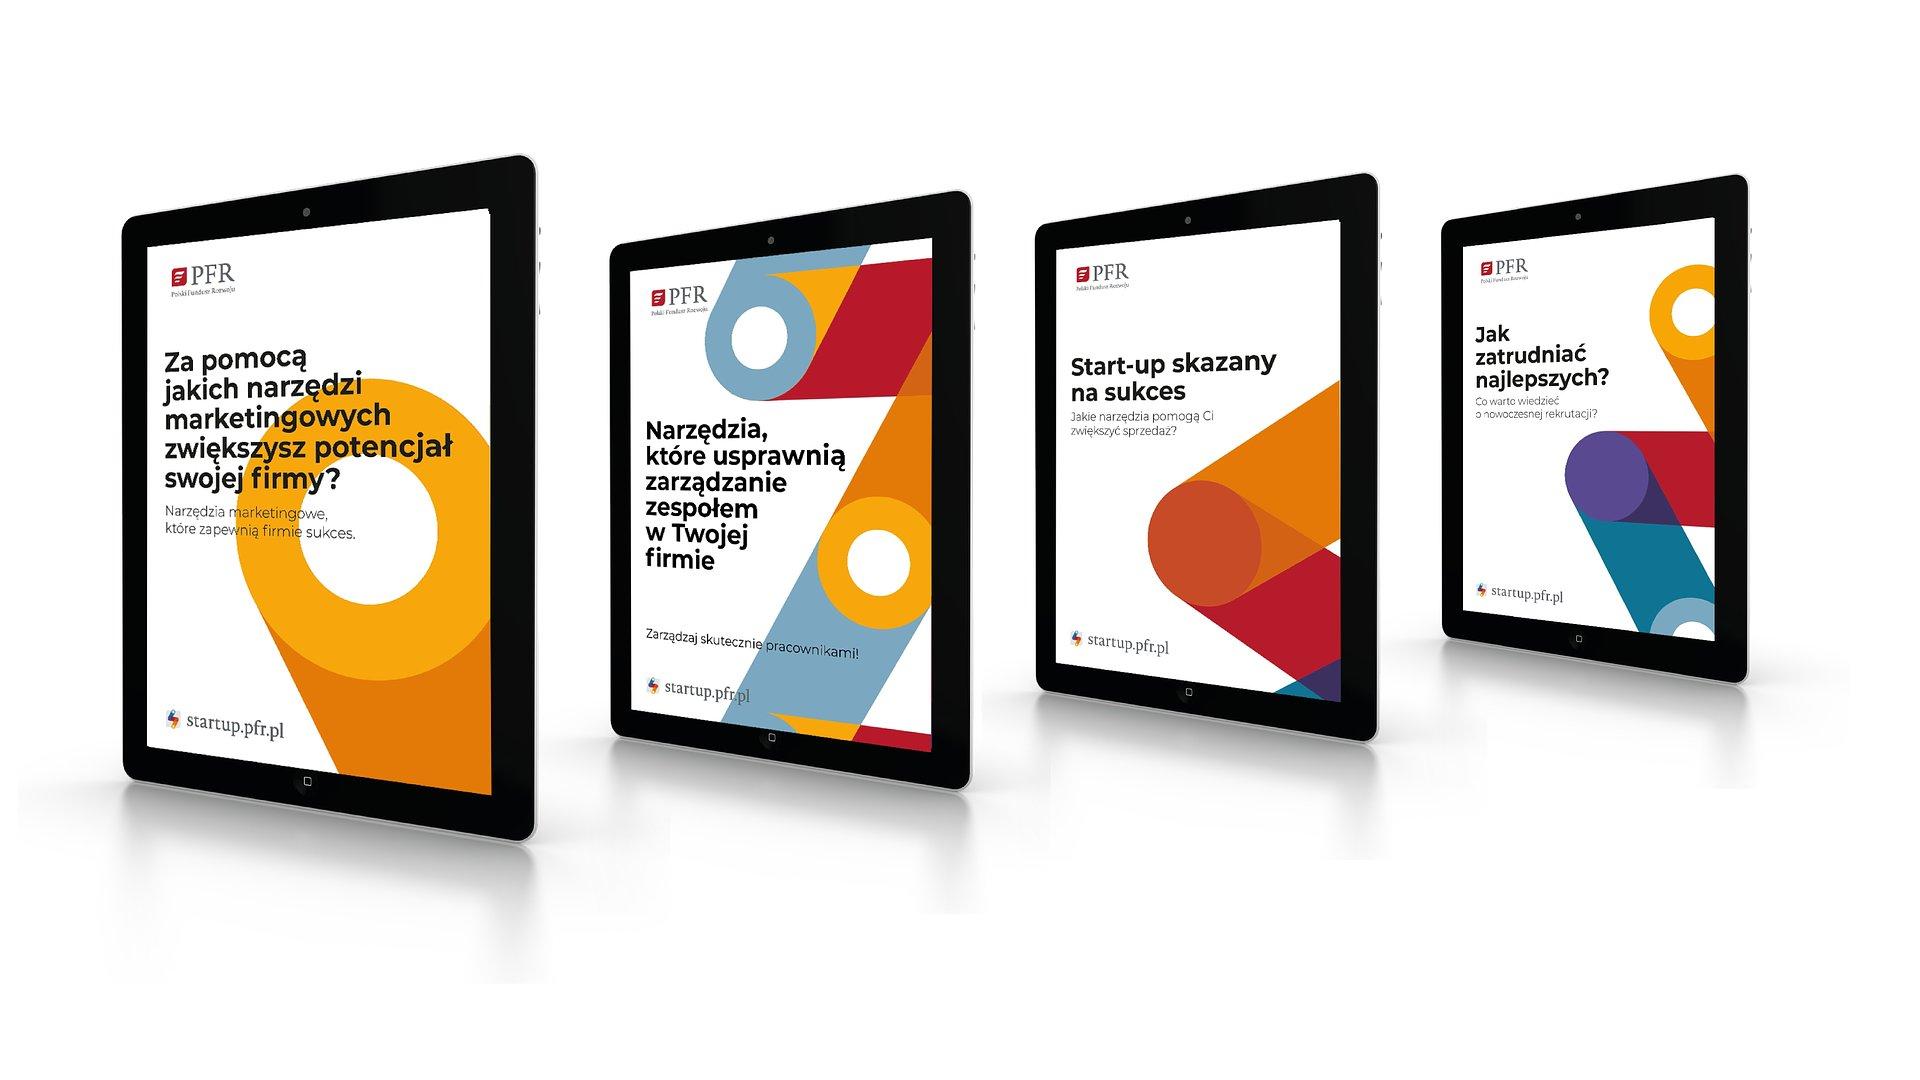 Bezpłatne e-booki od PFR pomogą w cyfrowej transformacji biznesu